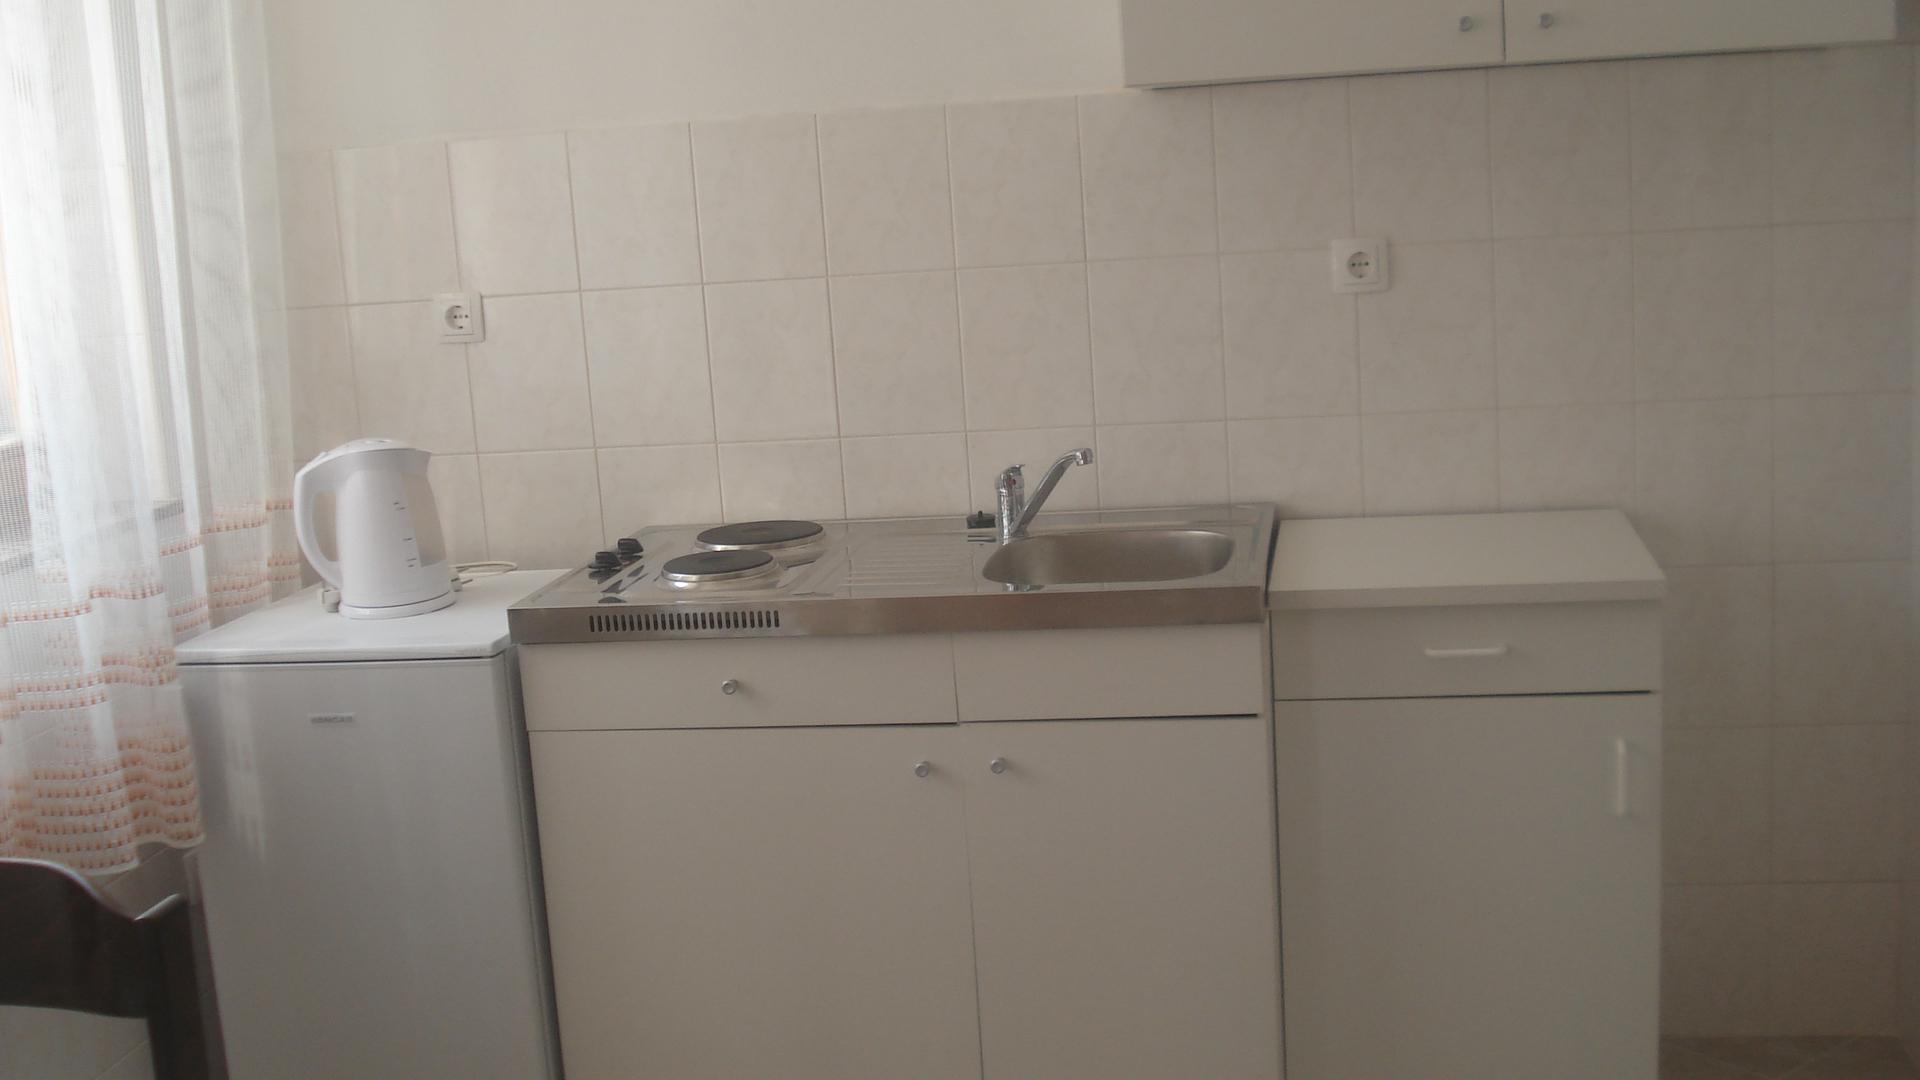 Biserka - Pag - Ferienwohnungen Kroatien - A2(2+2): Küche